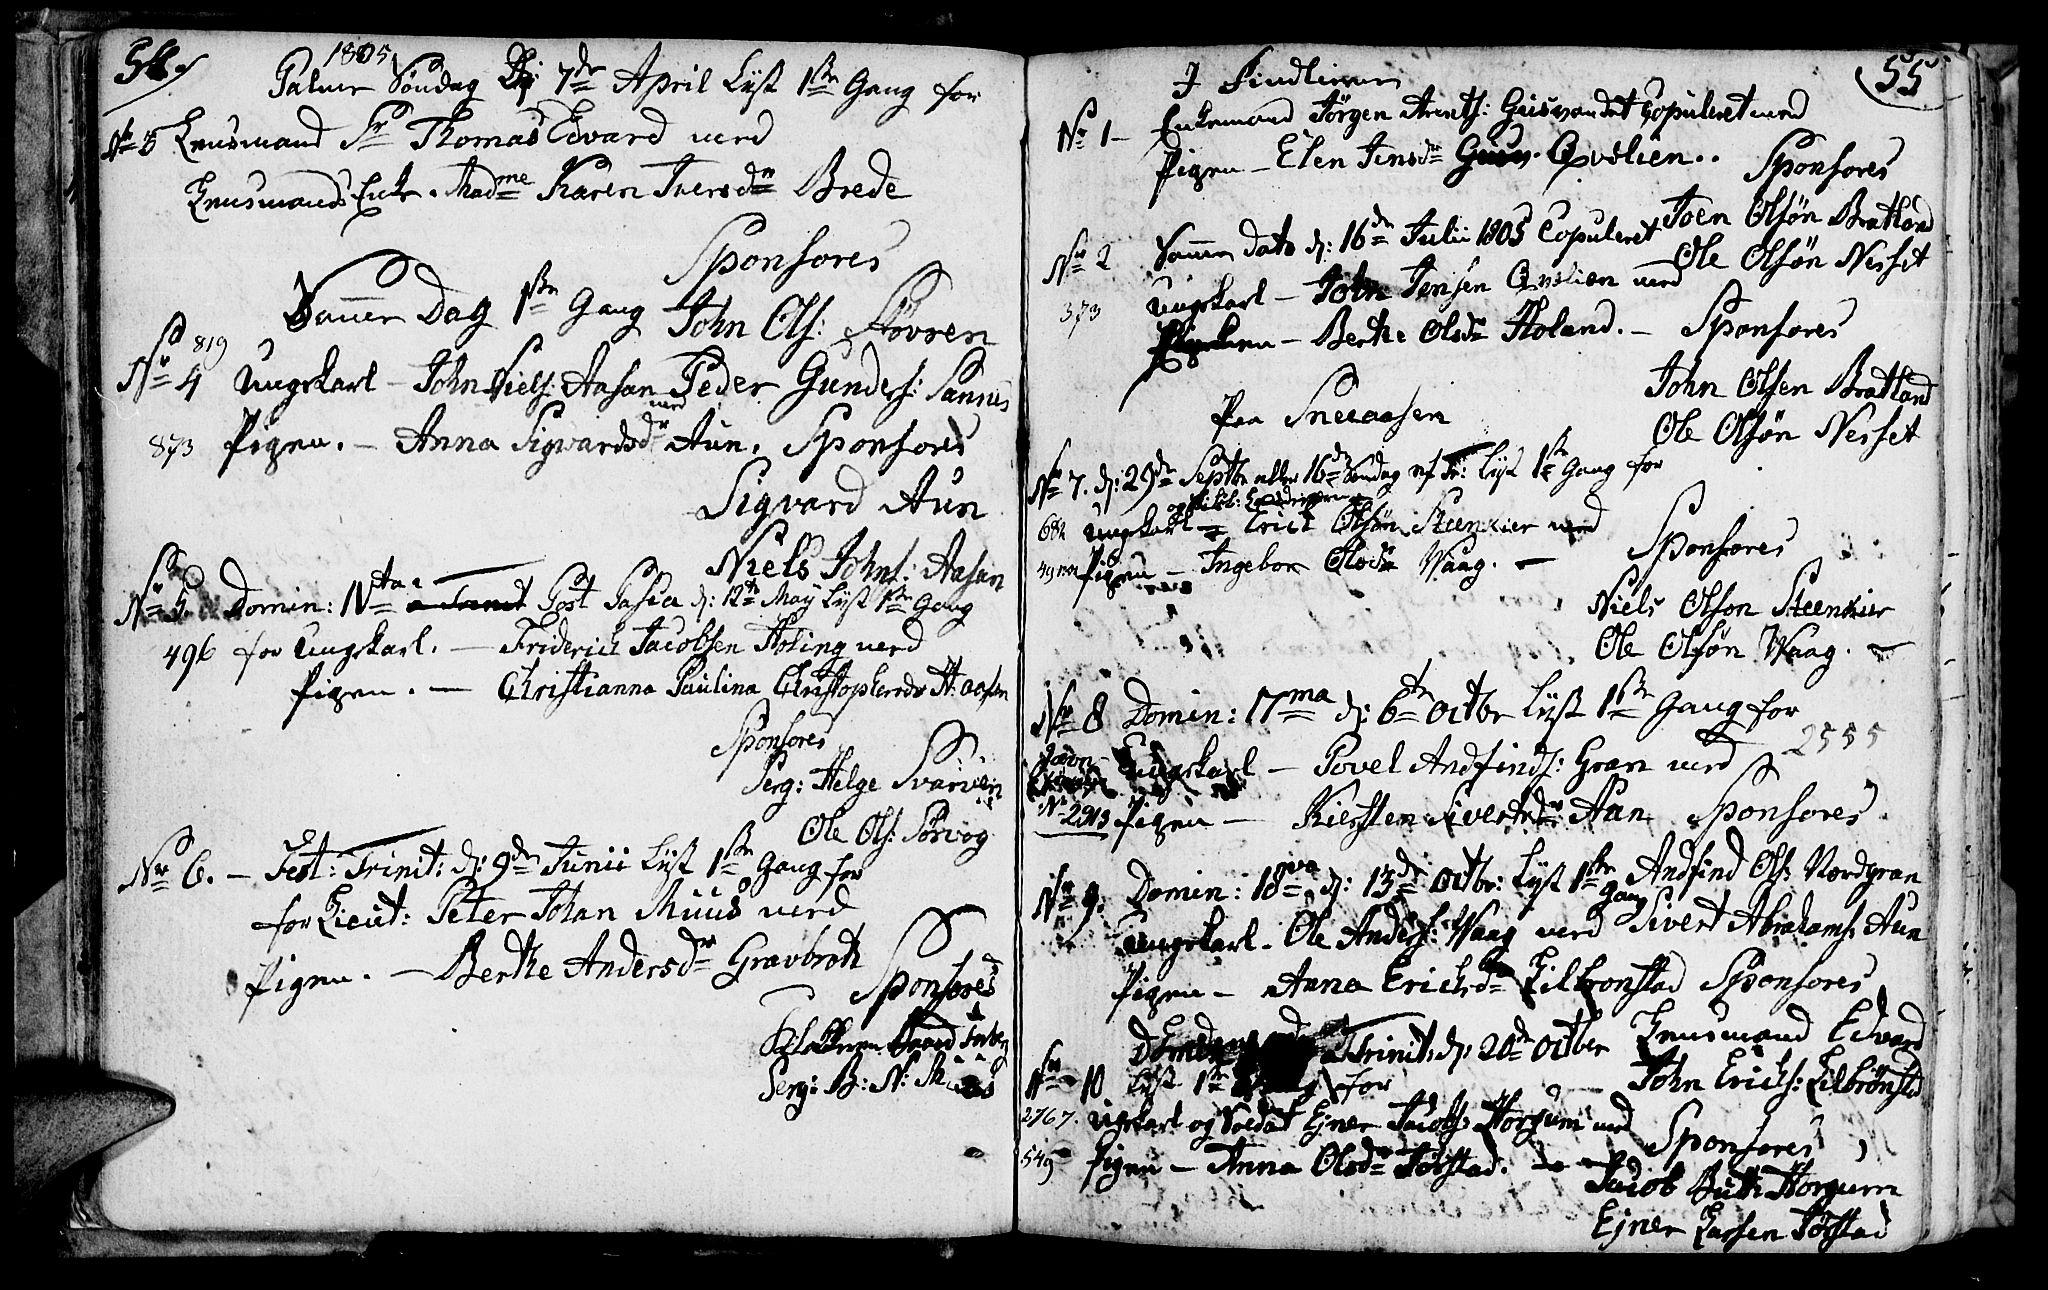 SAT, Ministerialprotokoller, klokkerbøker og fødselsregistre - Nord-Trøndelag, 749/L0468: Ministerialbok nr. 749A02, 1787-1817, s. 54-55